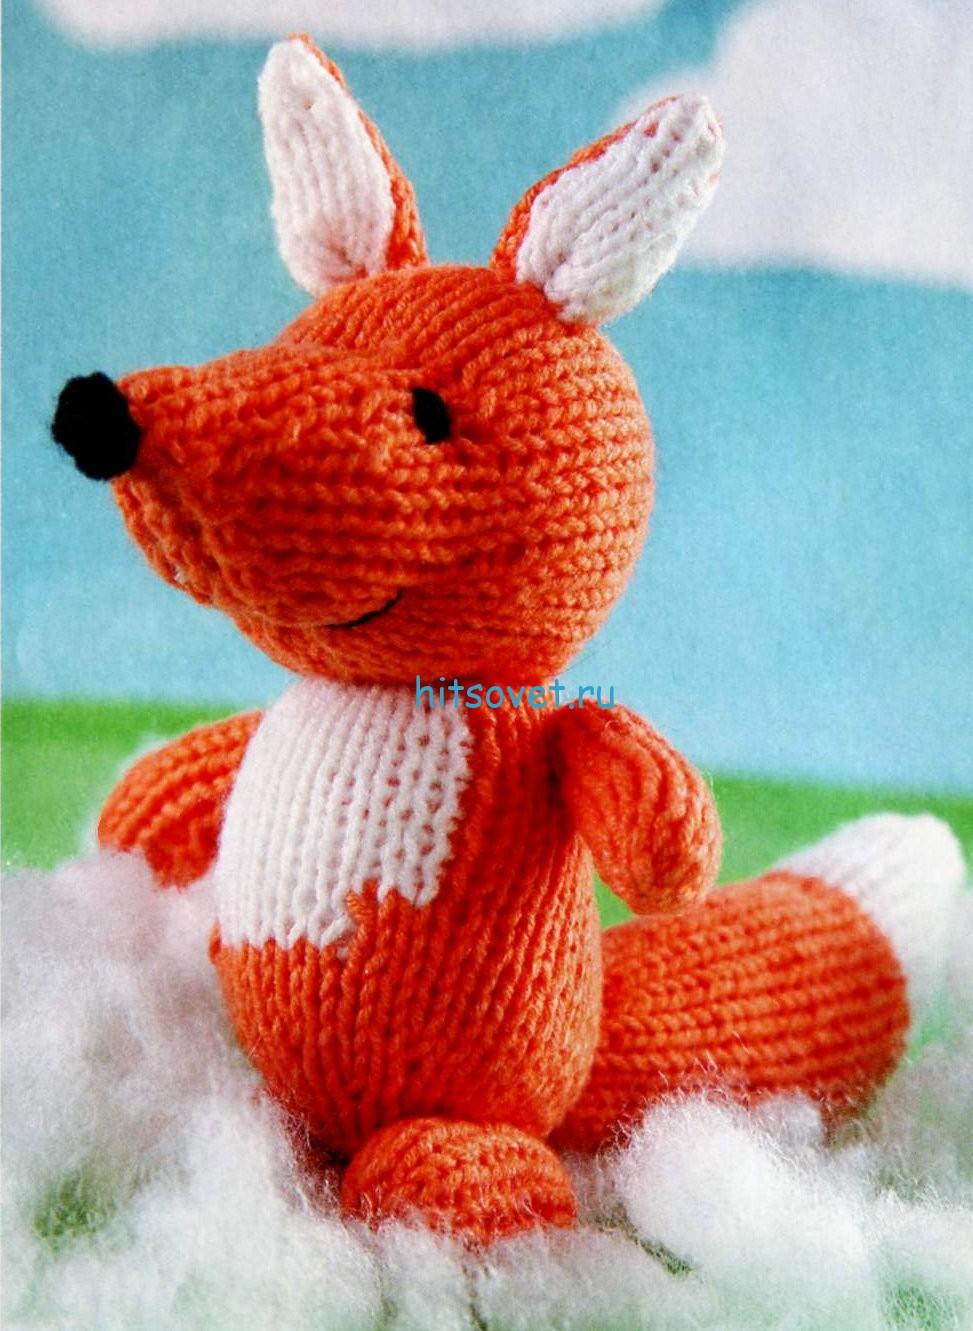 Вязание мягких игрушек спицами со схемами и описанием: мастер класс, фото